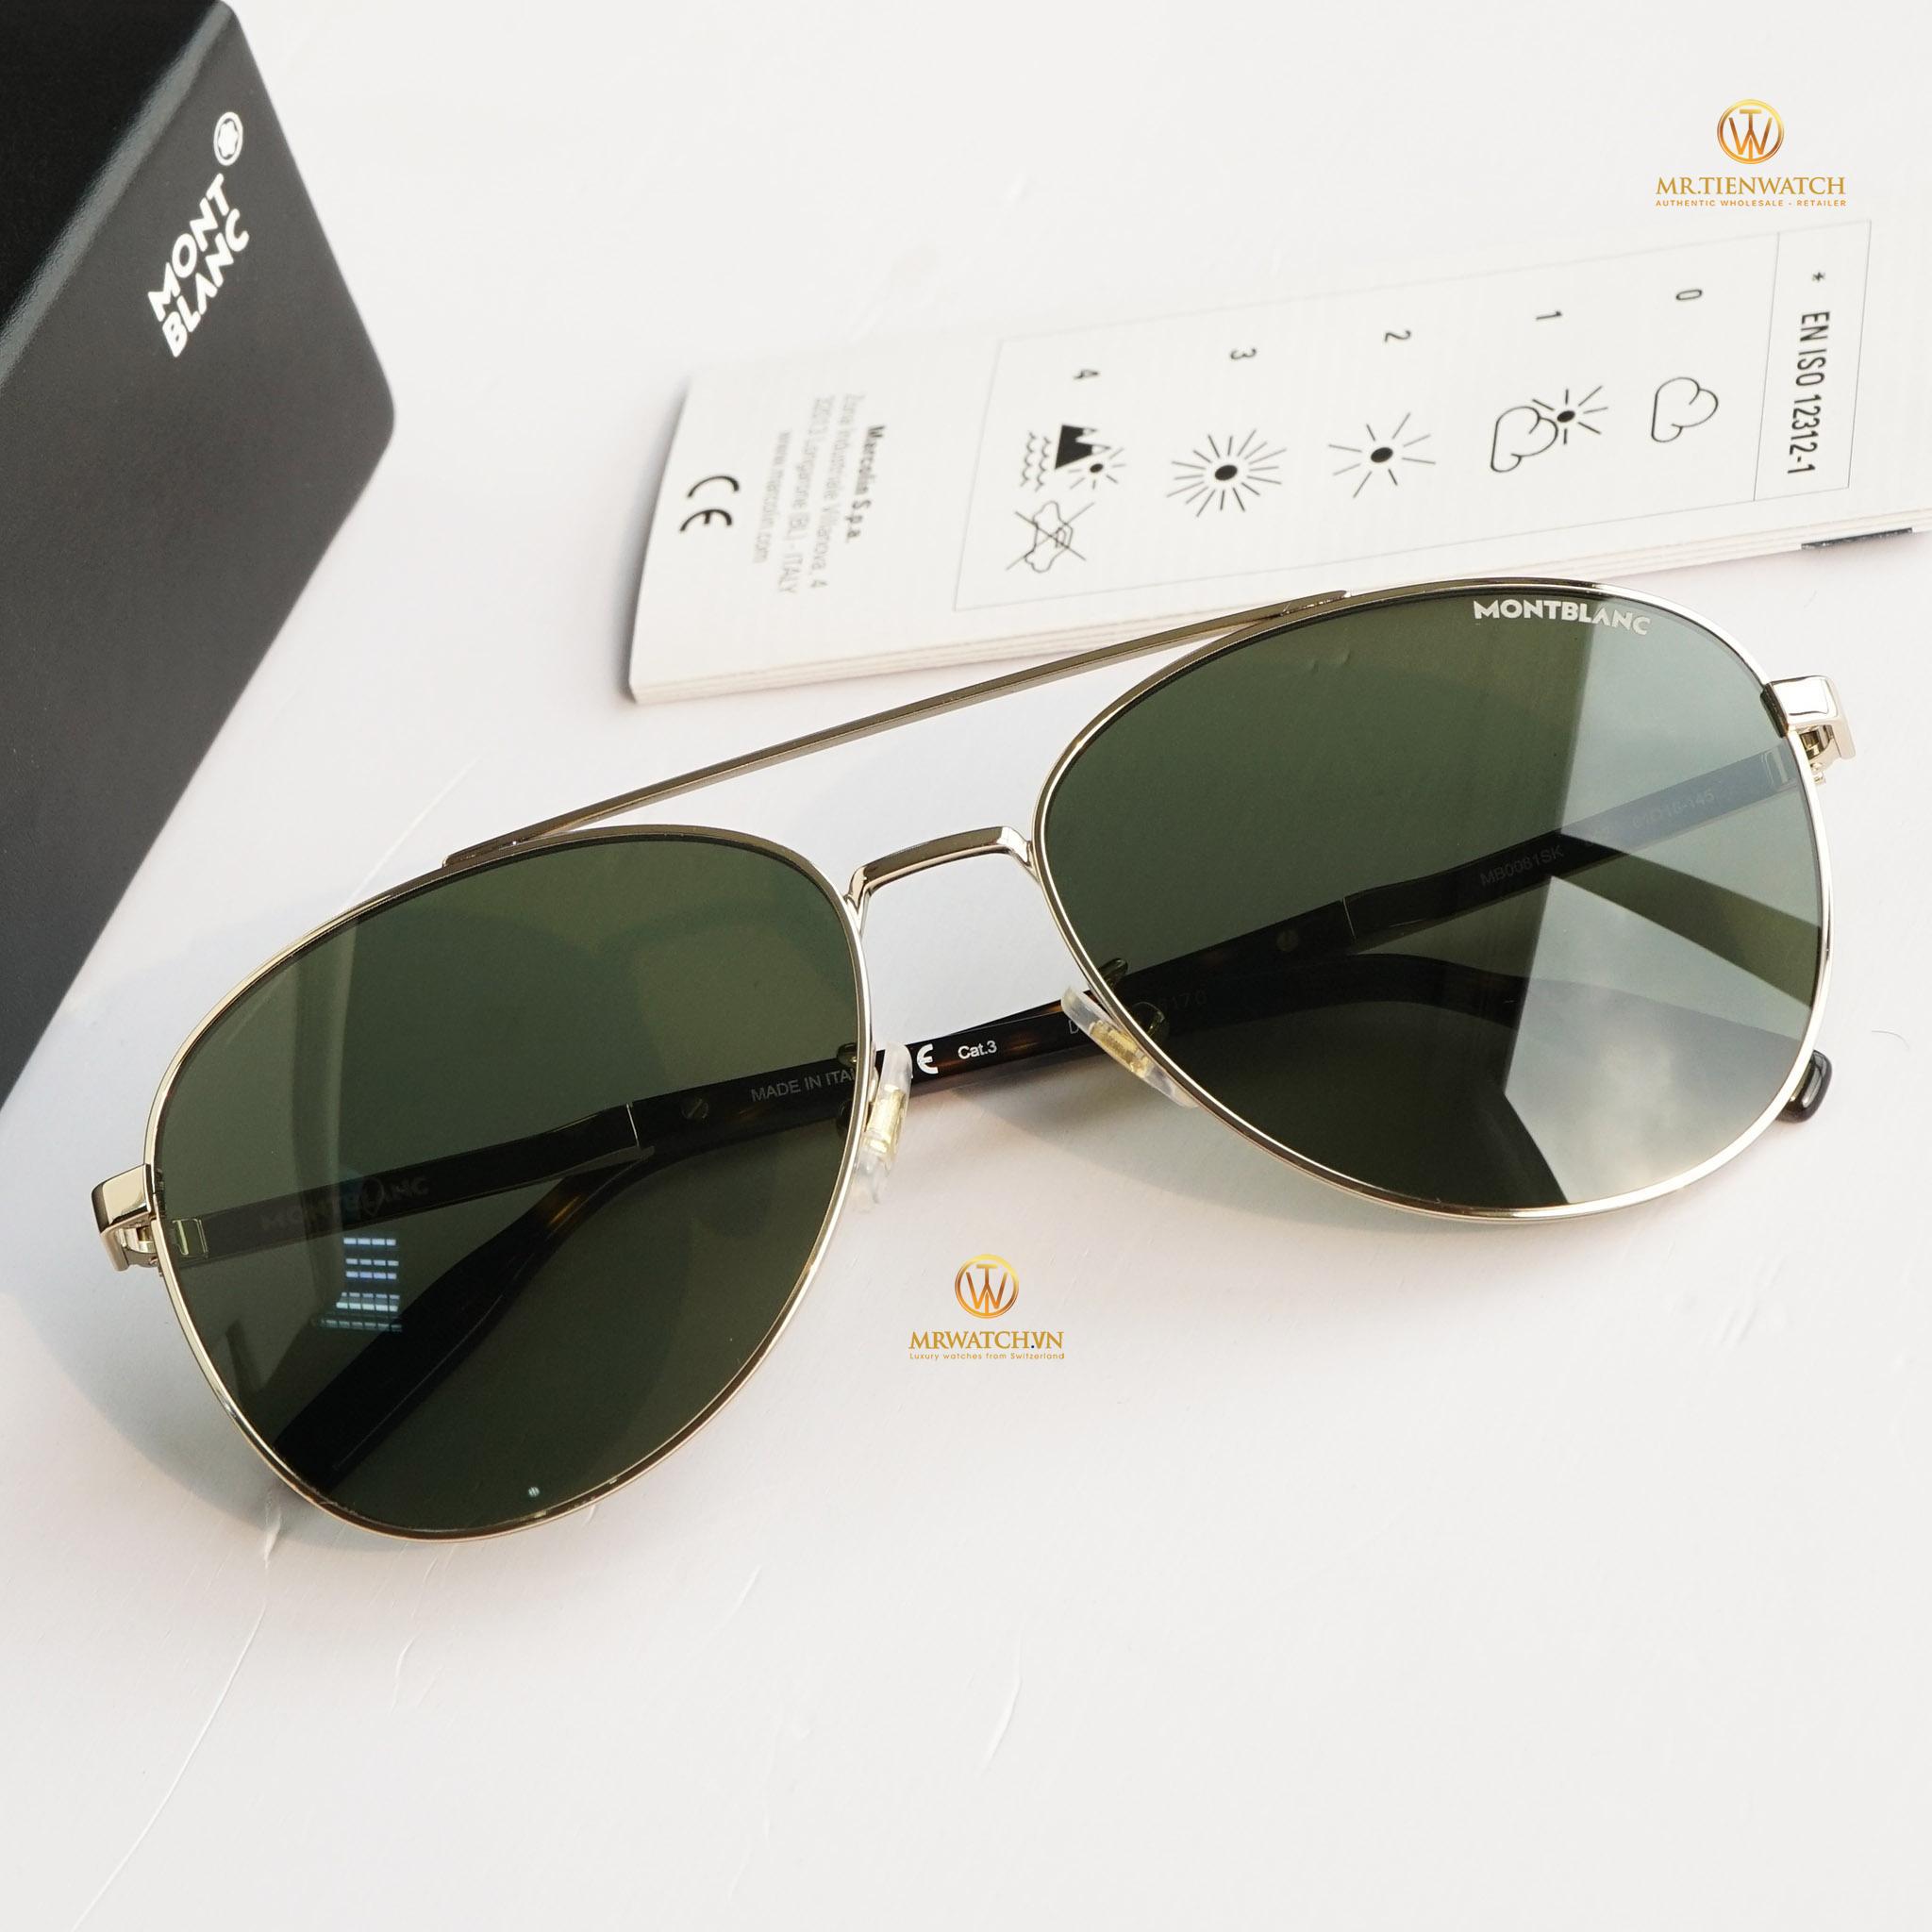 Kính mắt Montblanc Aviator Sunglasses Mb0081sk 002 Gold/havana 61mm chính hãng